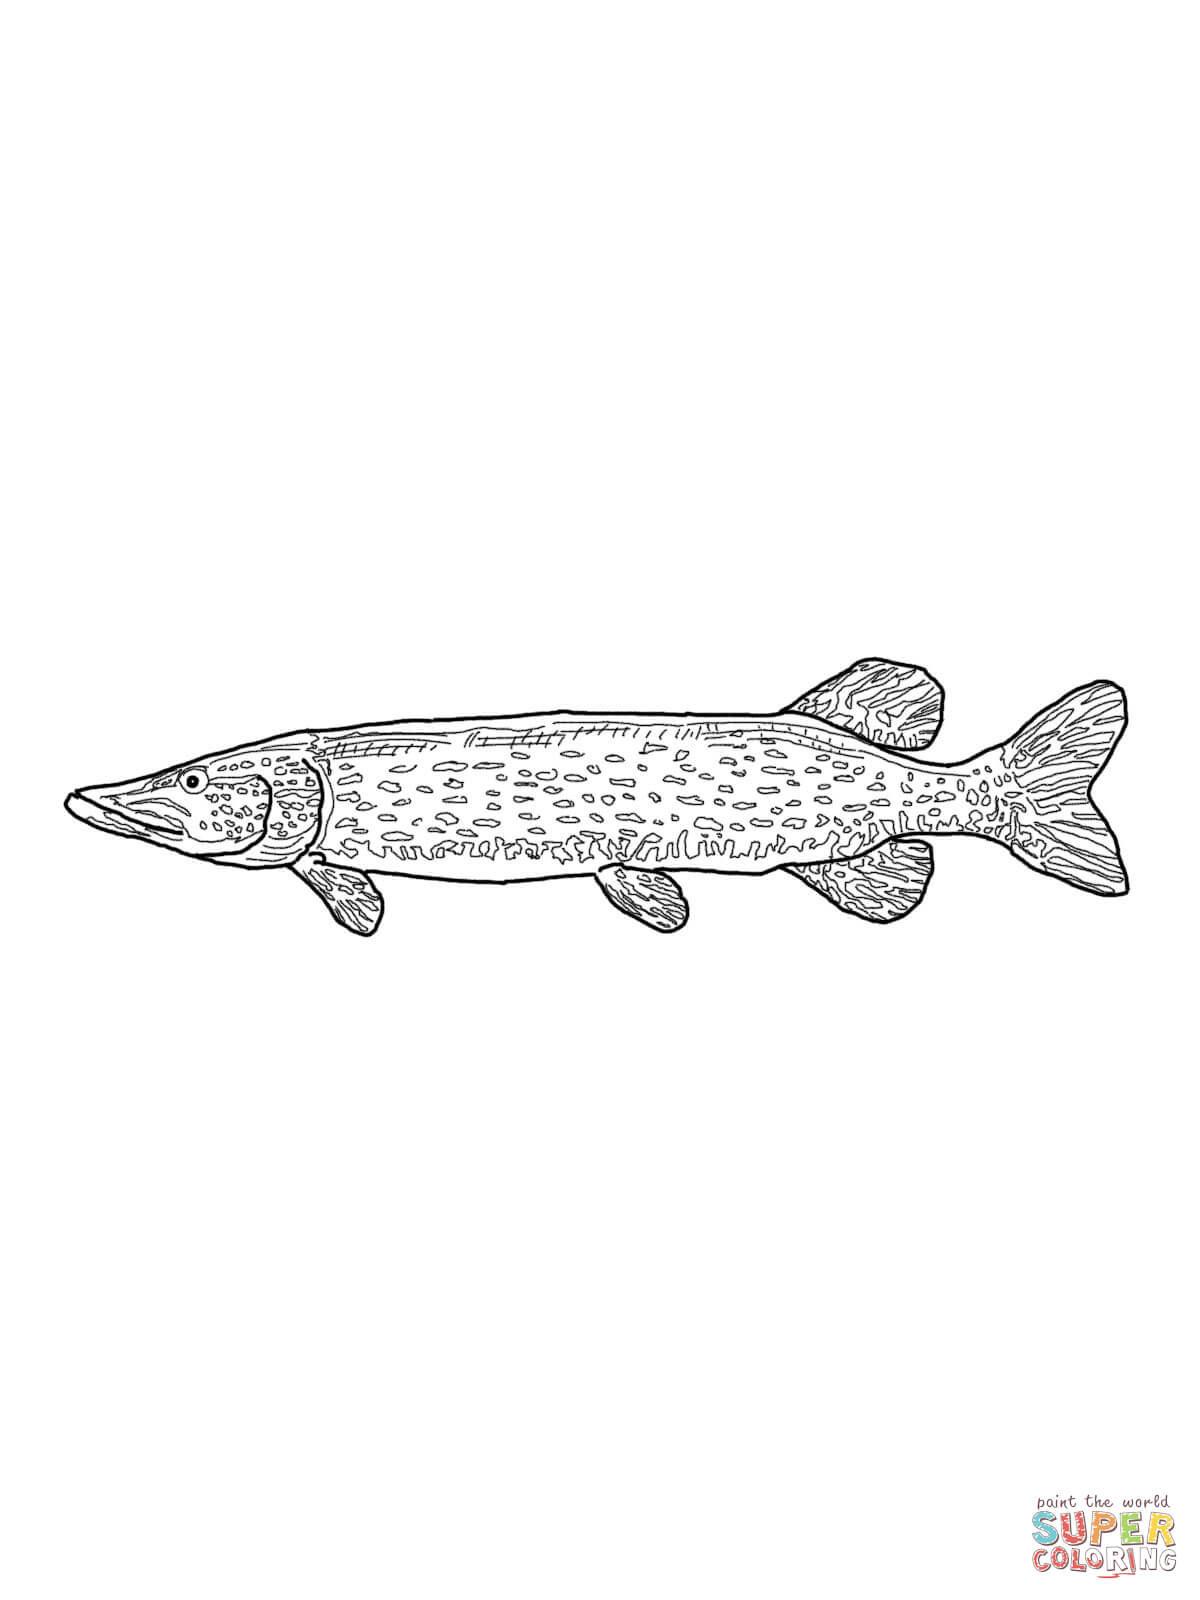 Fische Zum Ausmalen Und Ausdrucken Inspirierend Ausmalbilder Dinosaurier Kostenlos Ausdrucken Einzigartig Stock